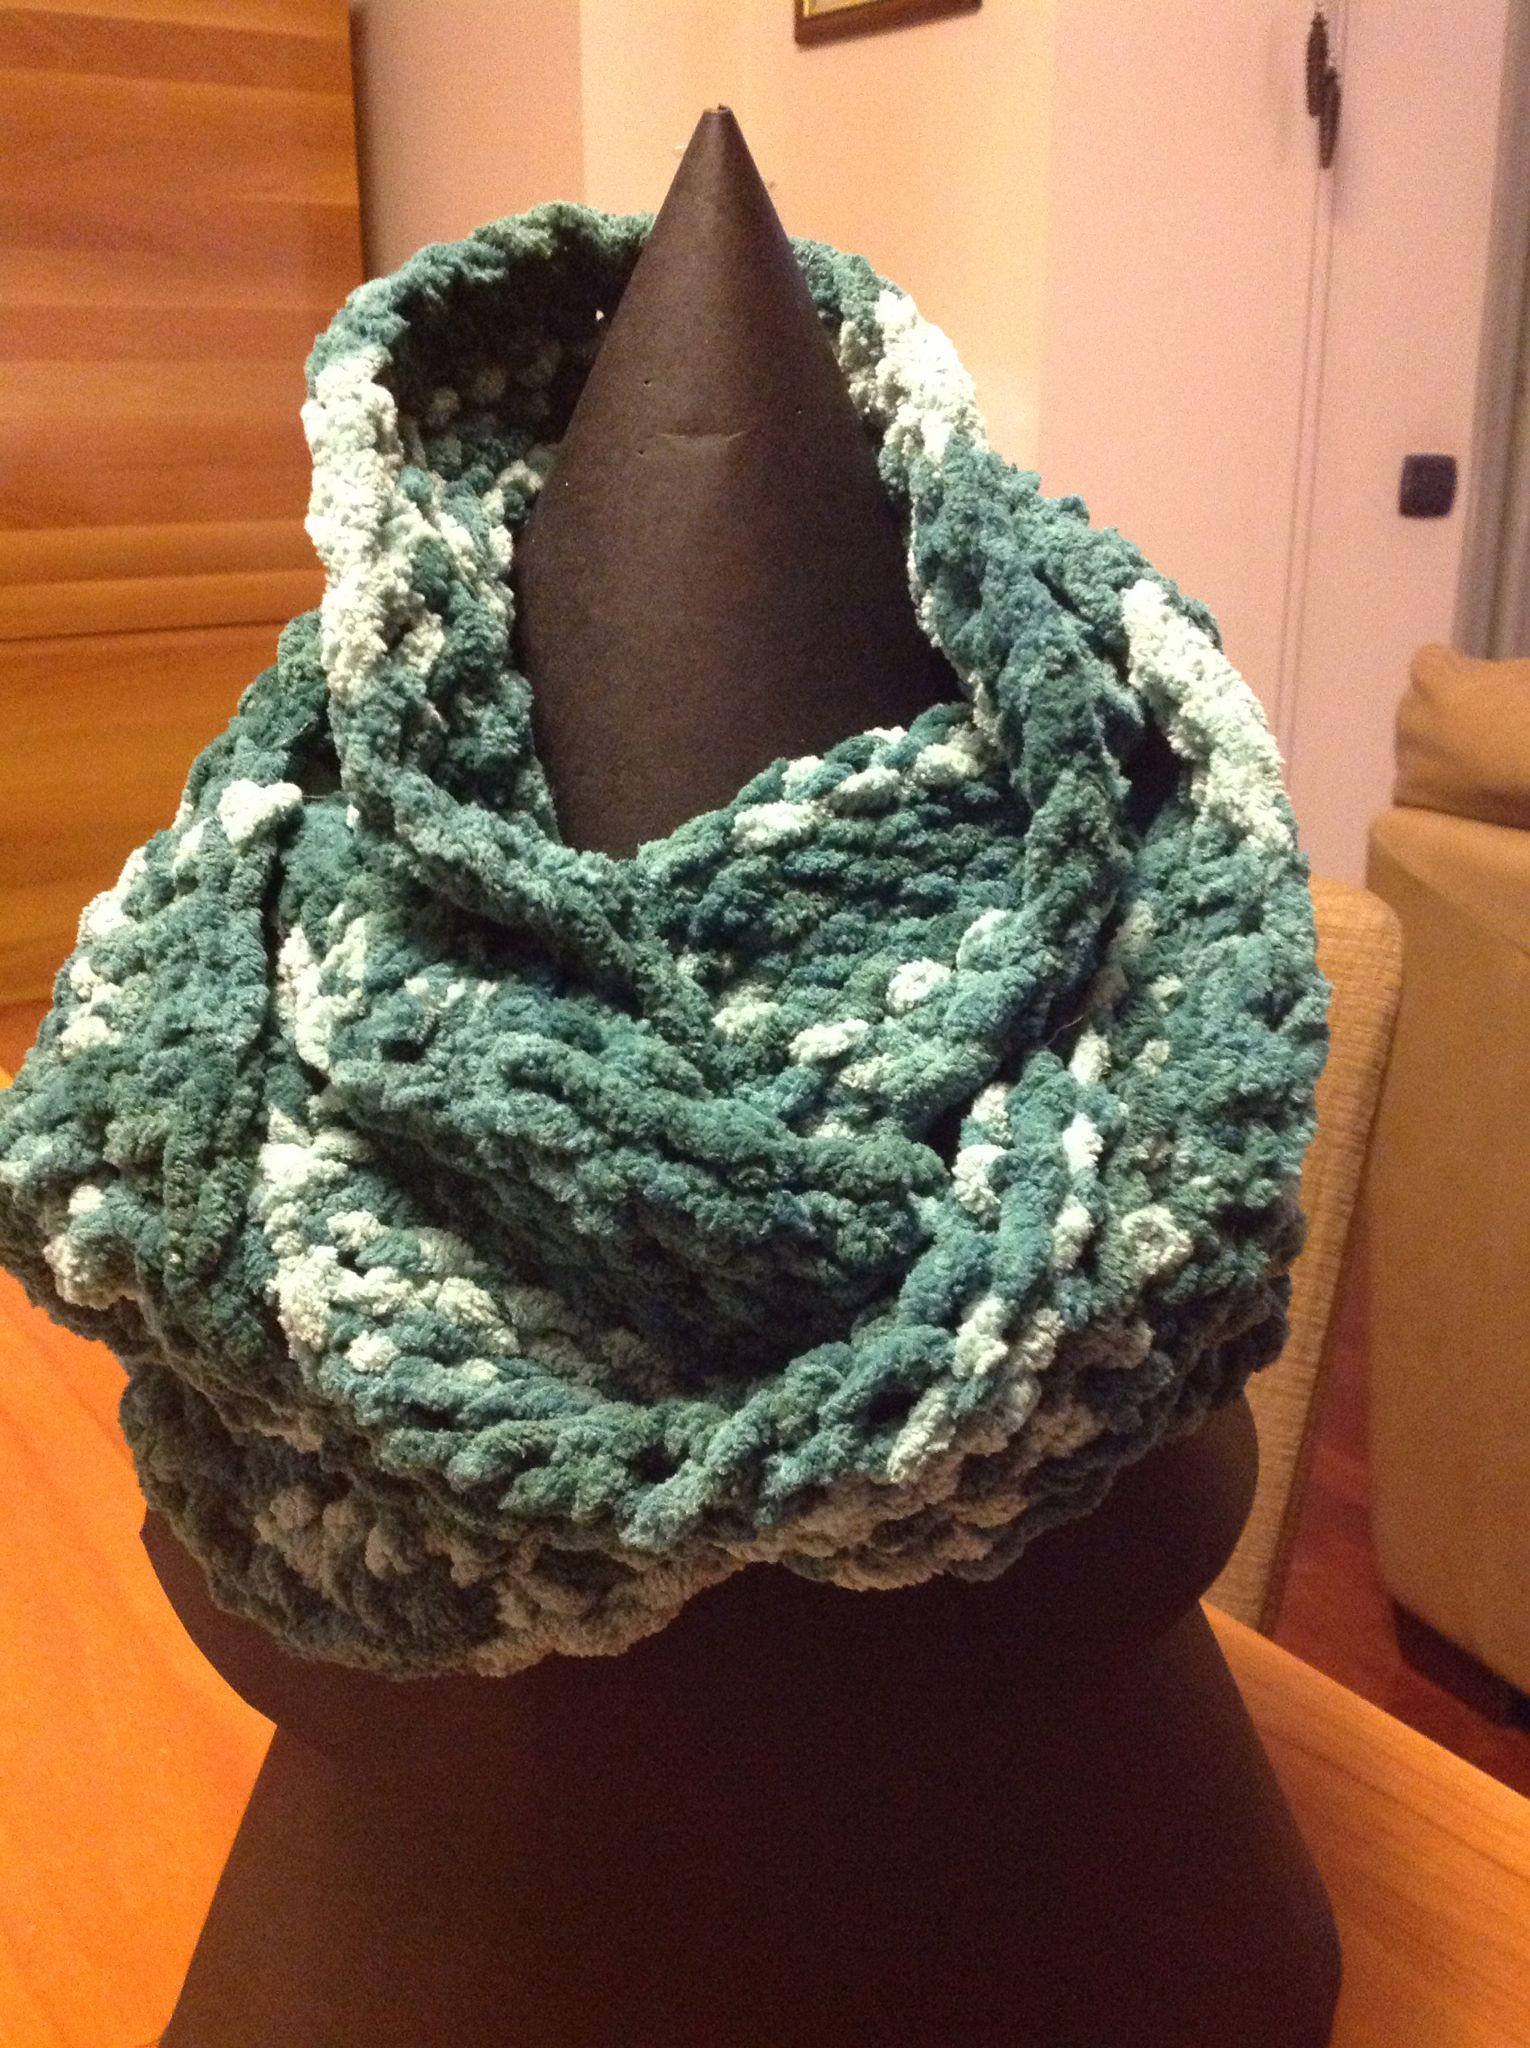 Sciarpa Ad Anello Lavorata Con Il Knitting Loom In Ciniglia Nei Toni Del Verde Scarf Fashion